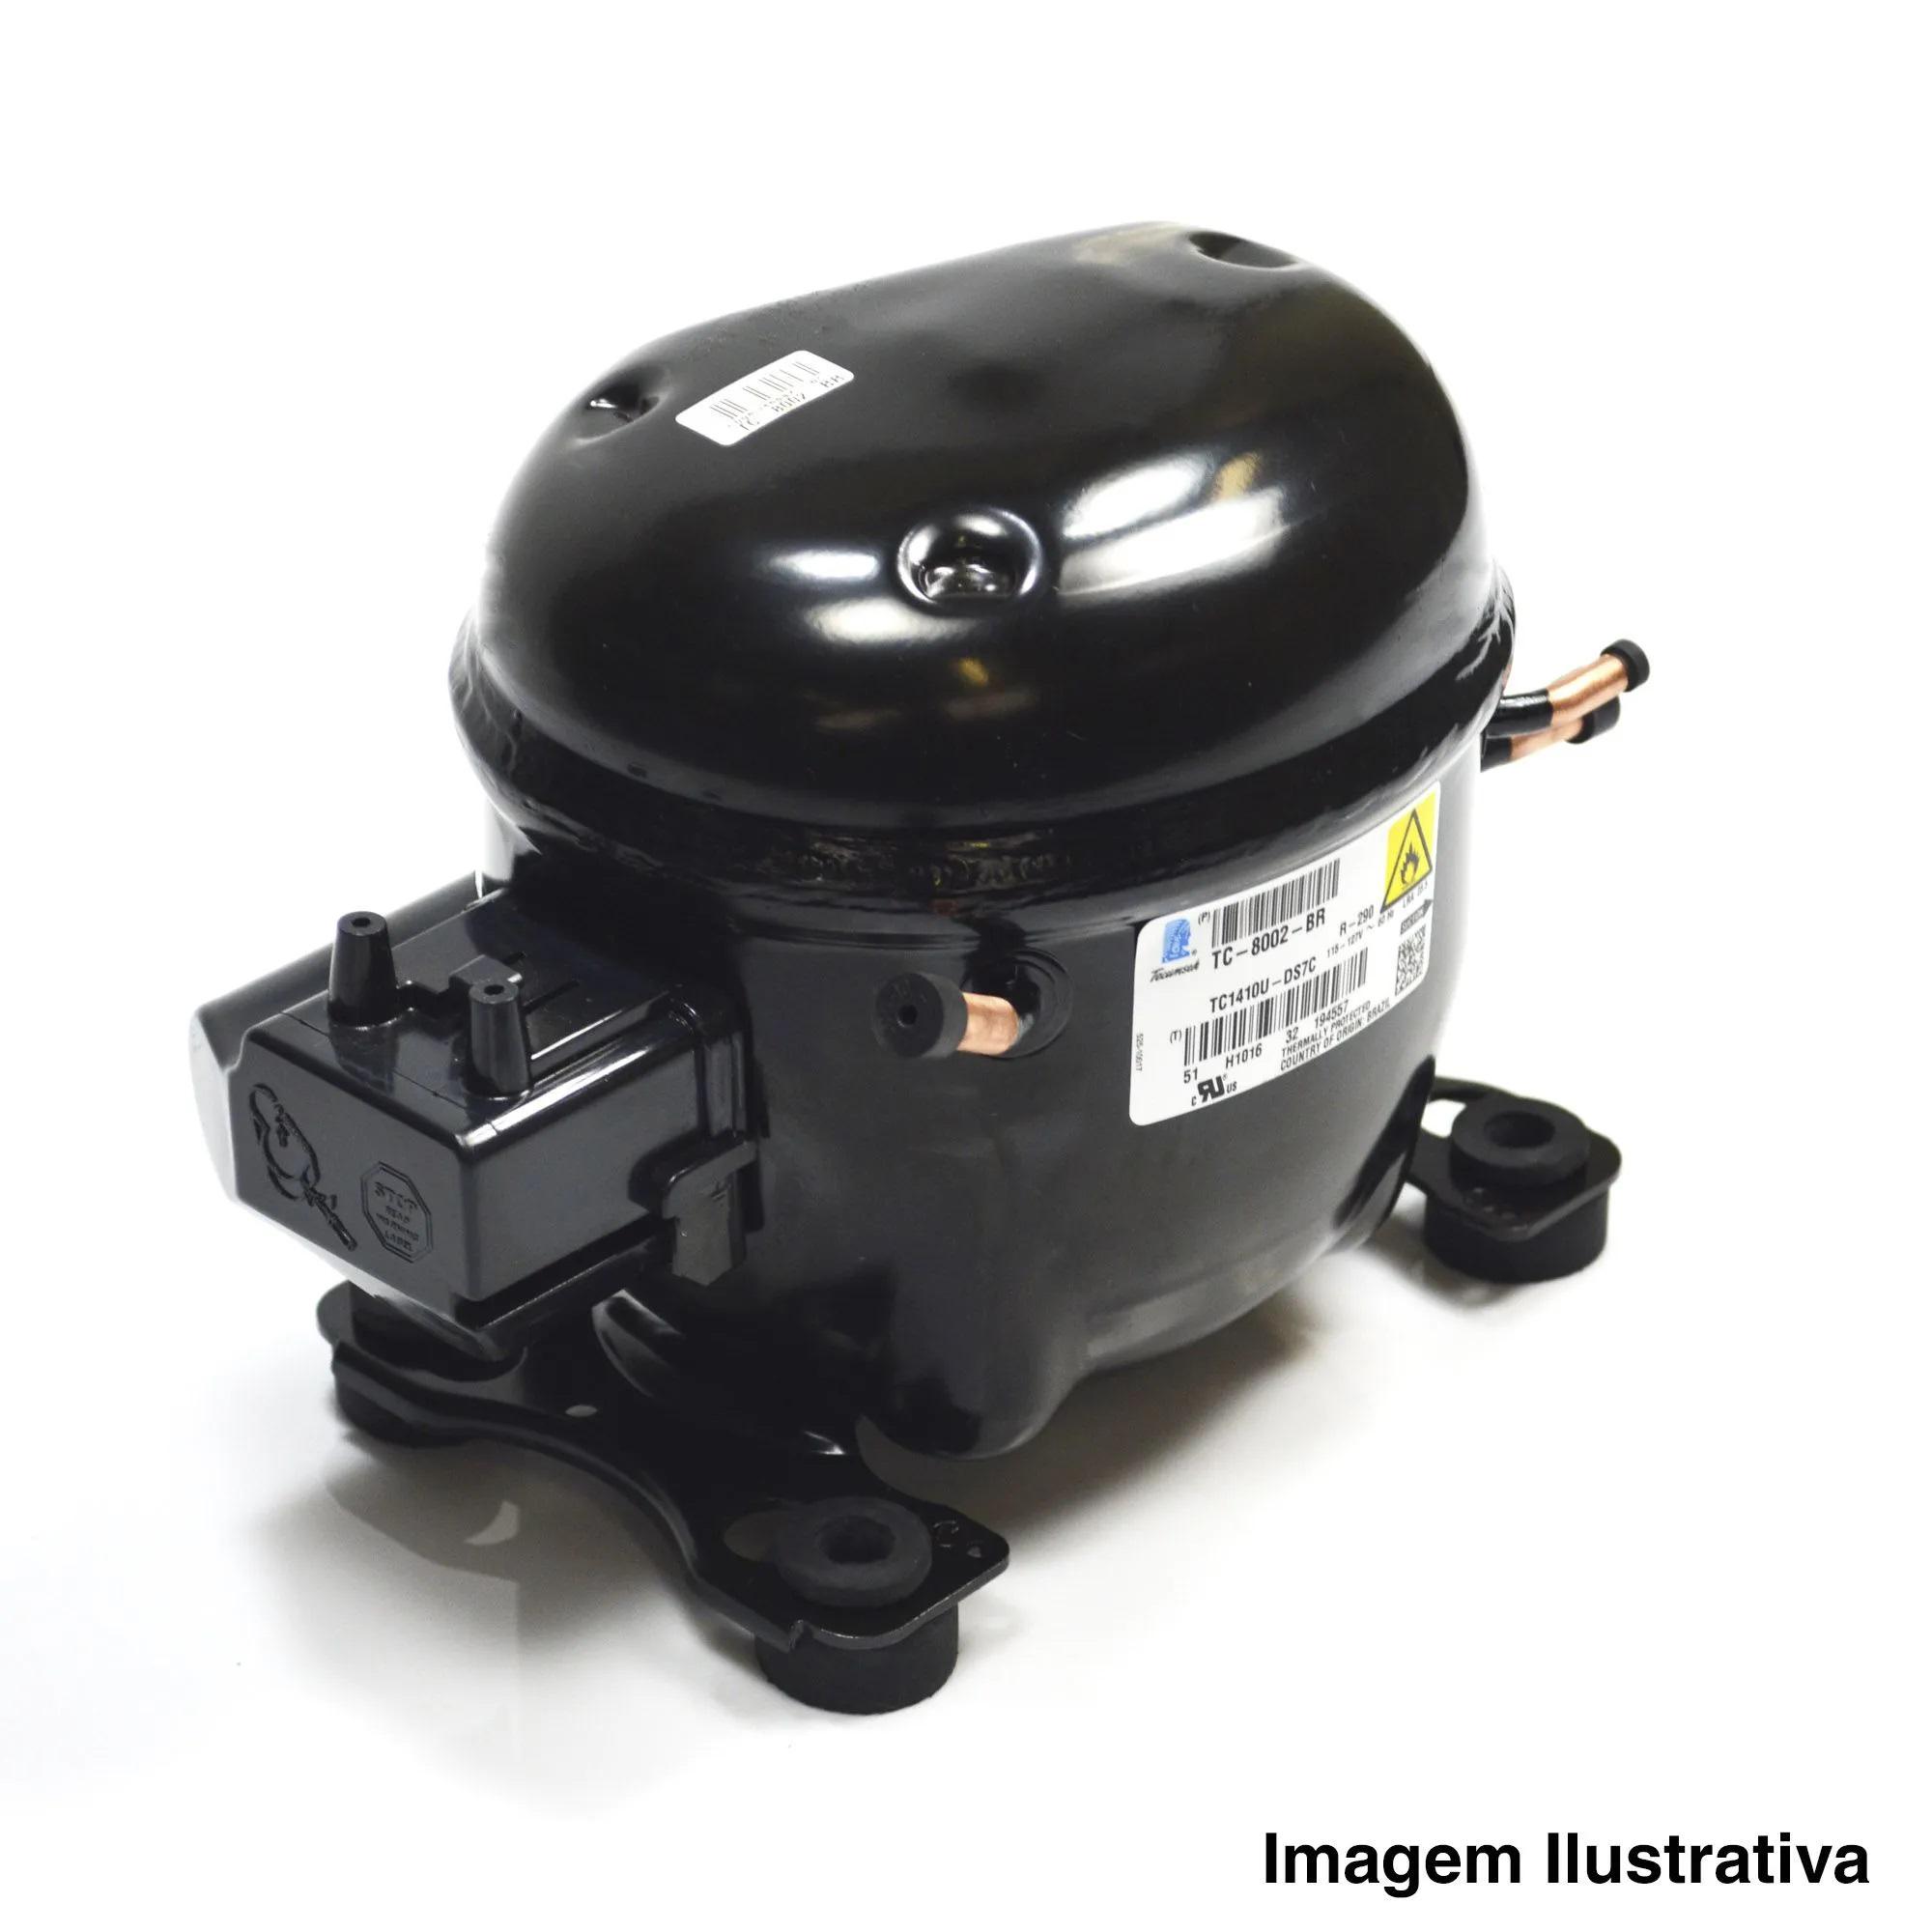 Compressor Tecumseh TCW413Y 1160 Btu/h